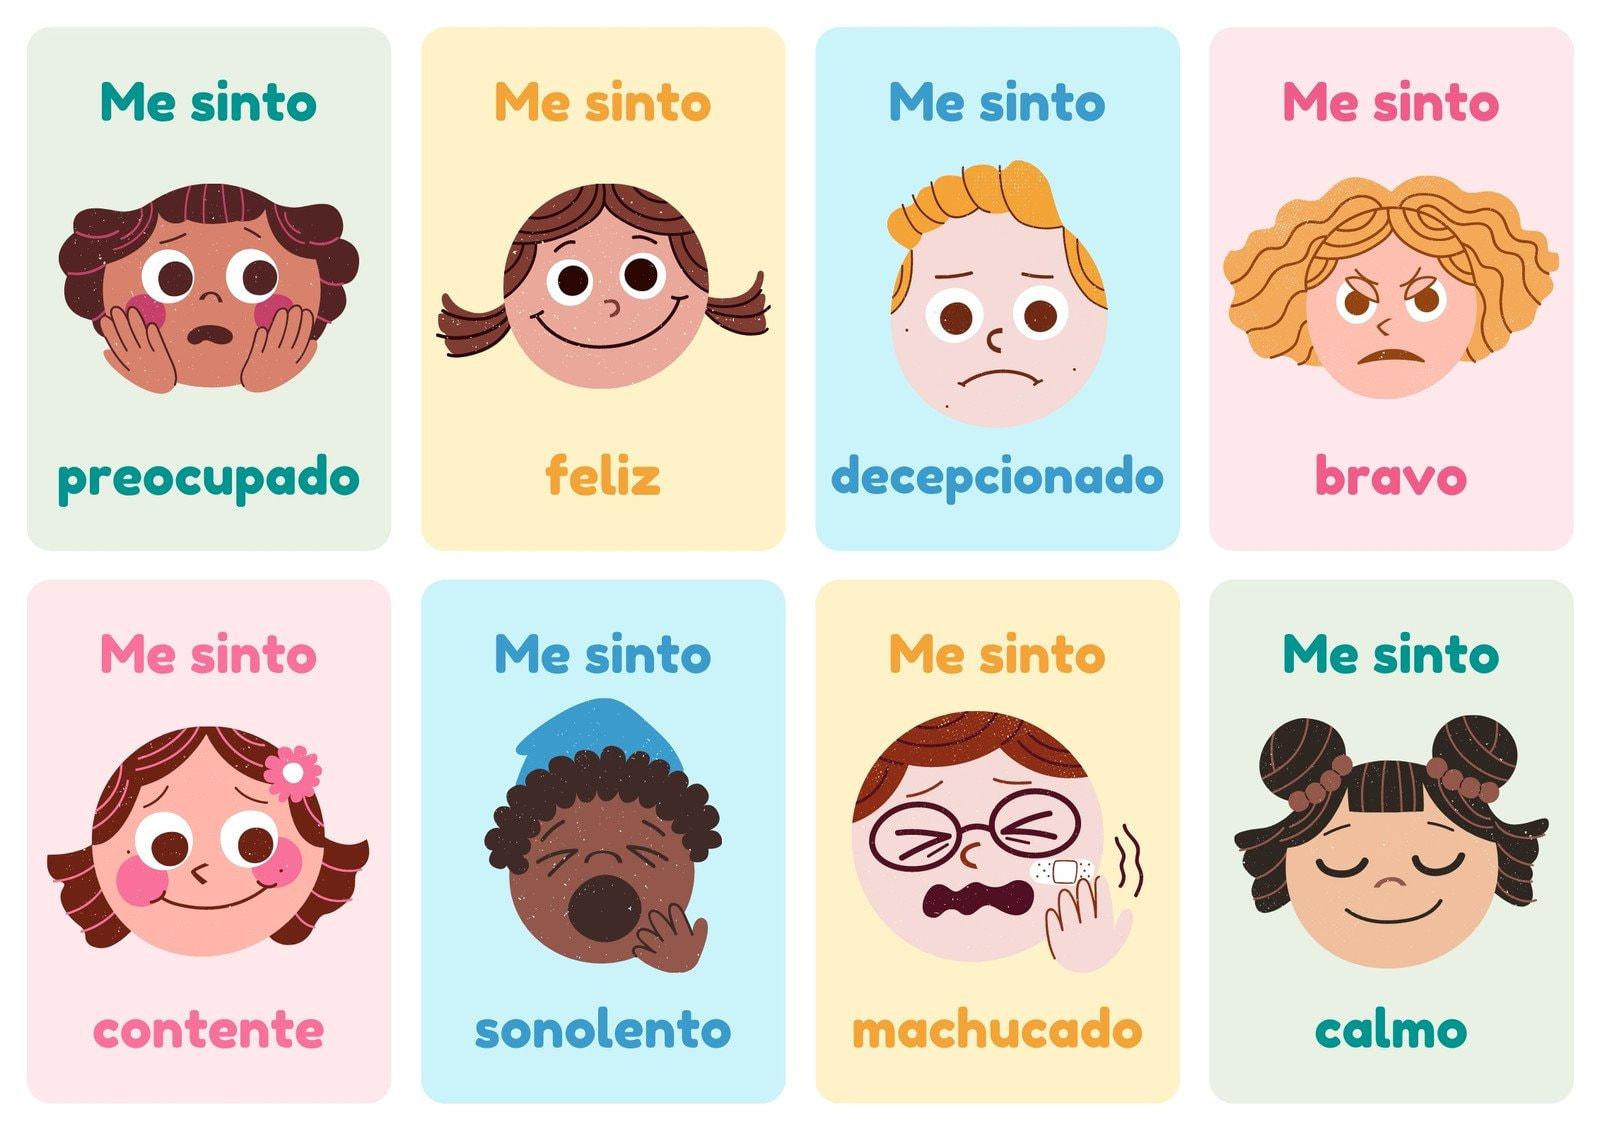 Emoções Simples Ilustração Folhas de Flashcard